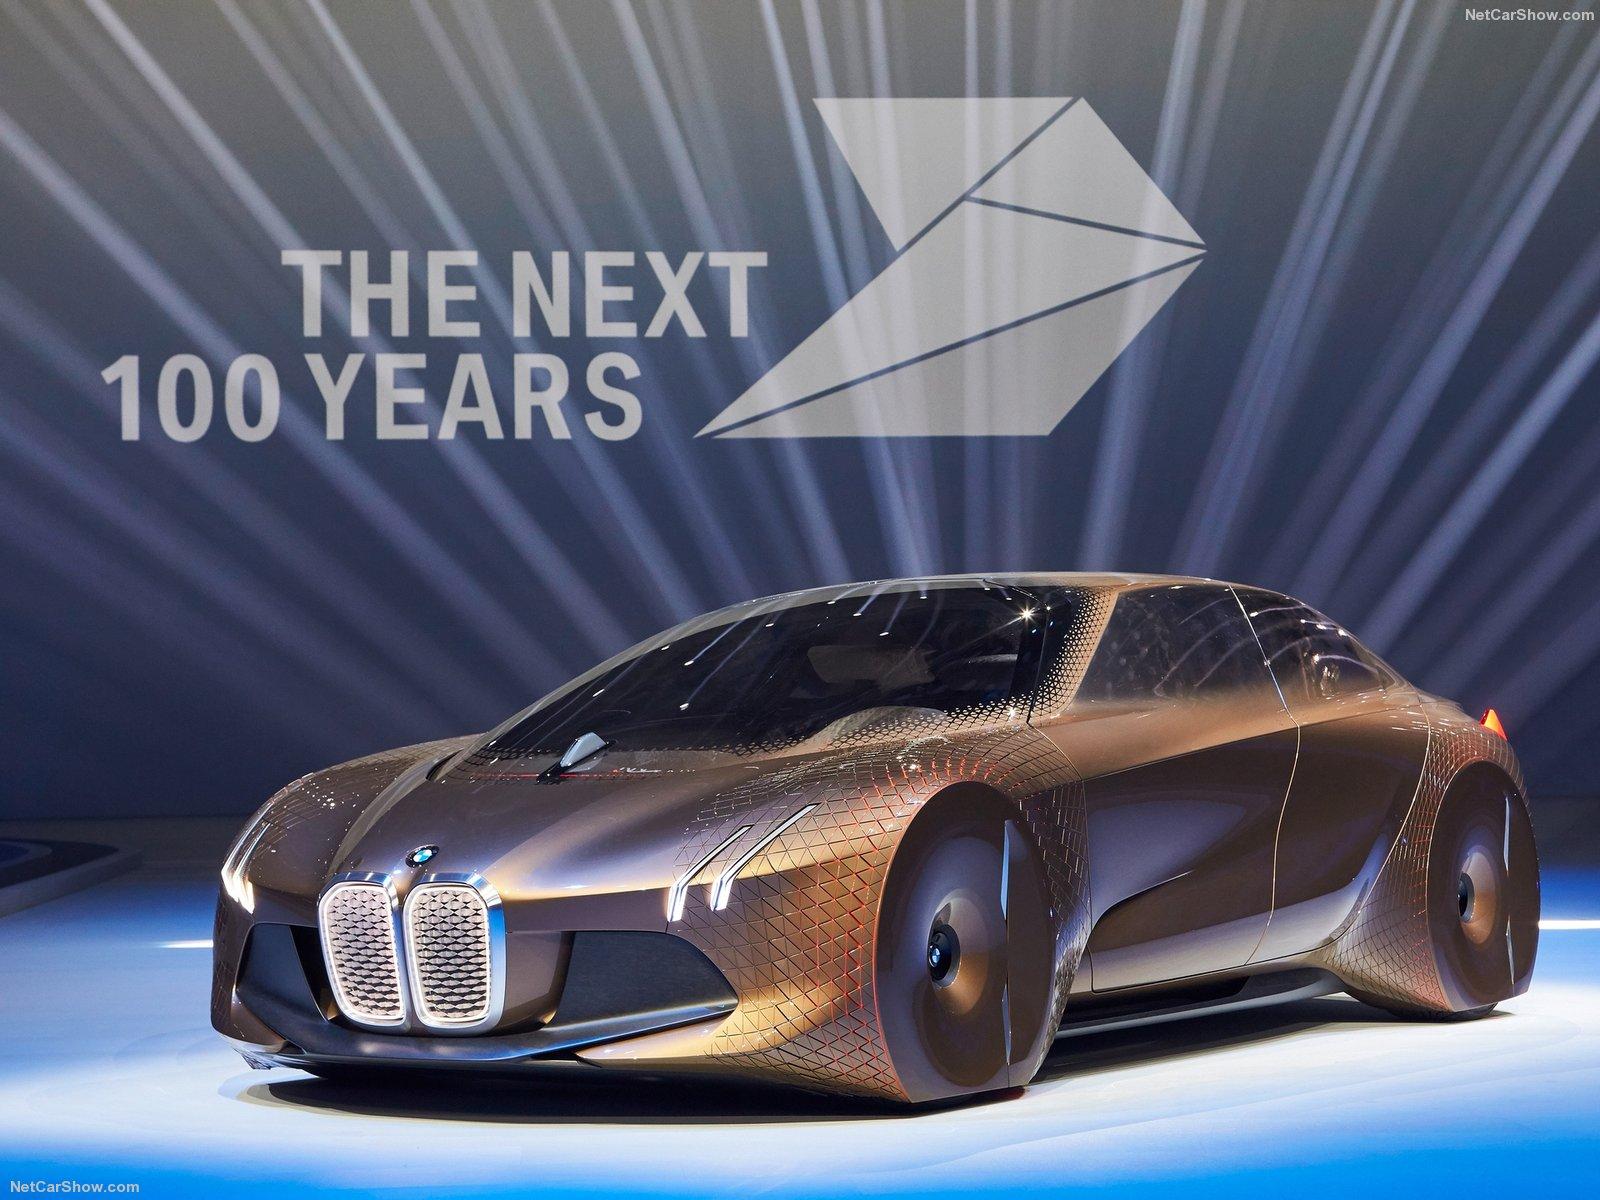 bmw szülinapi köszöntő Boldog szülinapot BMW! Kedvenc BMW modellek az elmúlt 100 évből  bmw szülinapi köszöntő